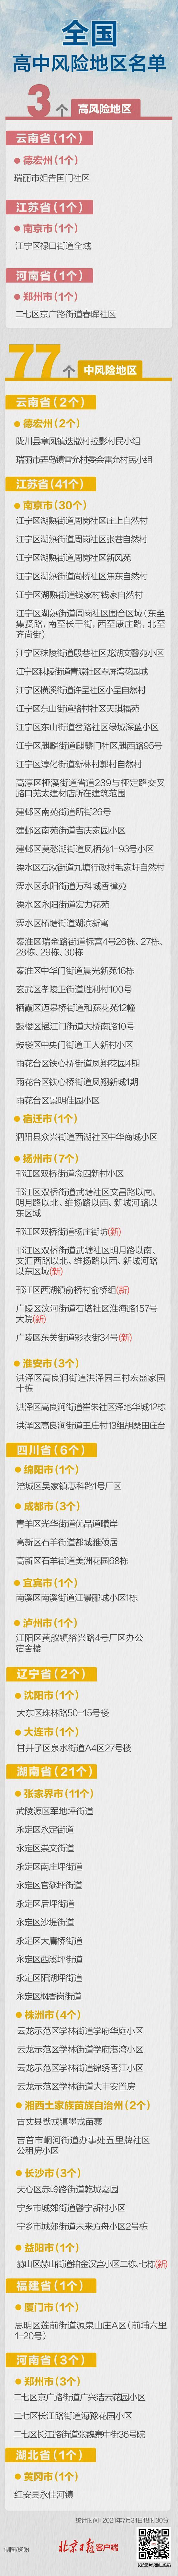 扬州益阳多地升级,全国现有高中风险区3+77个